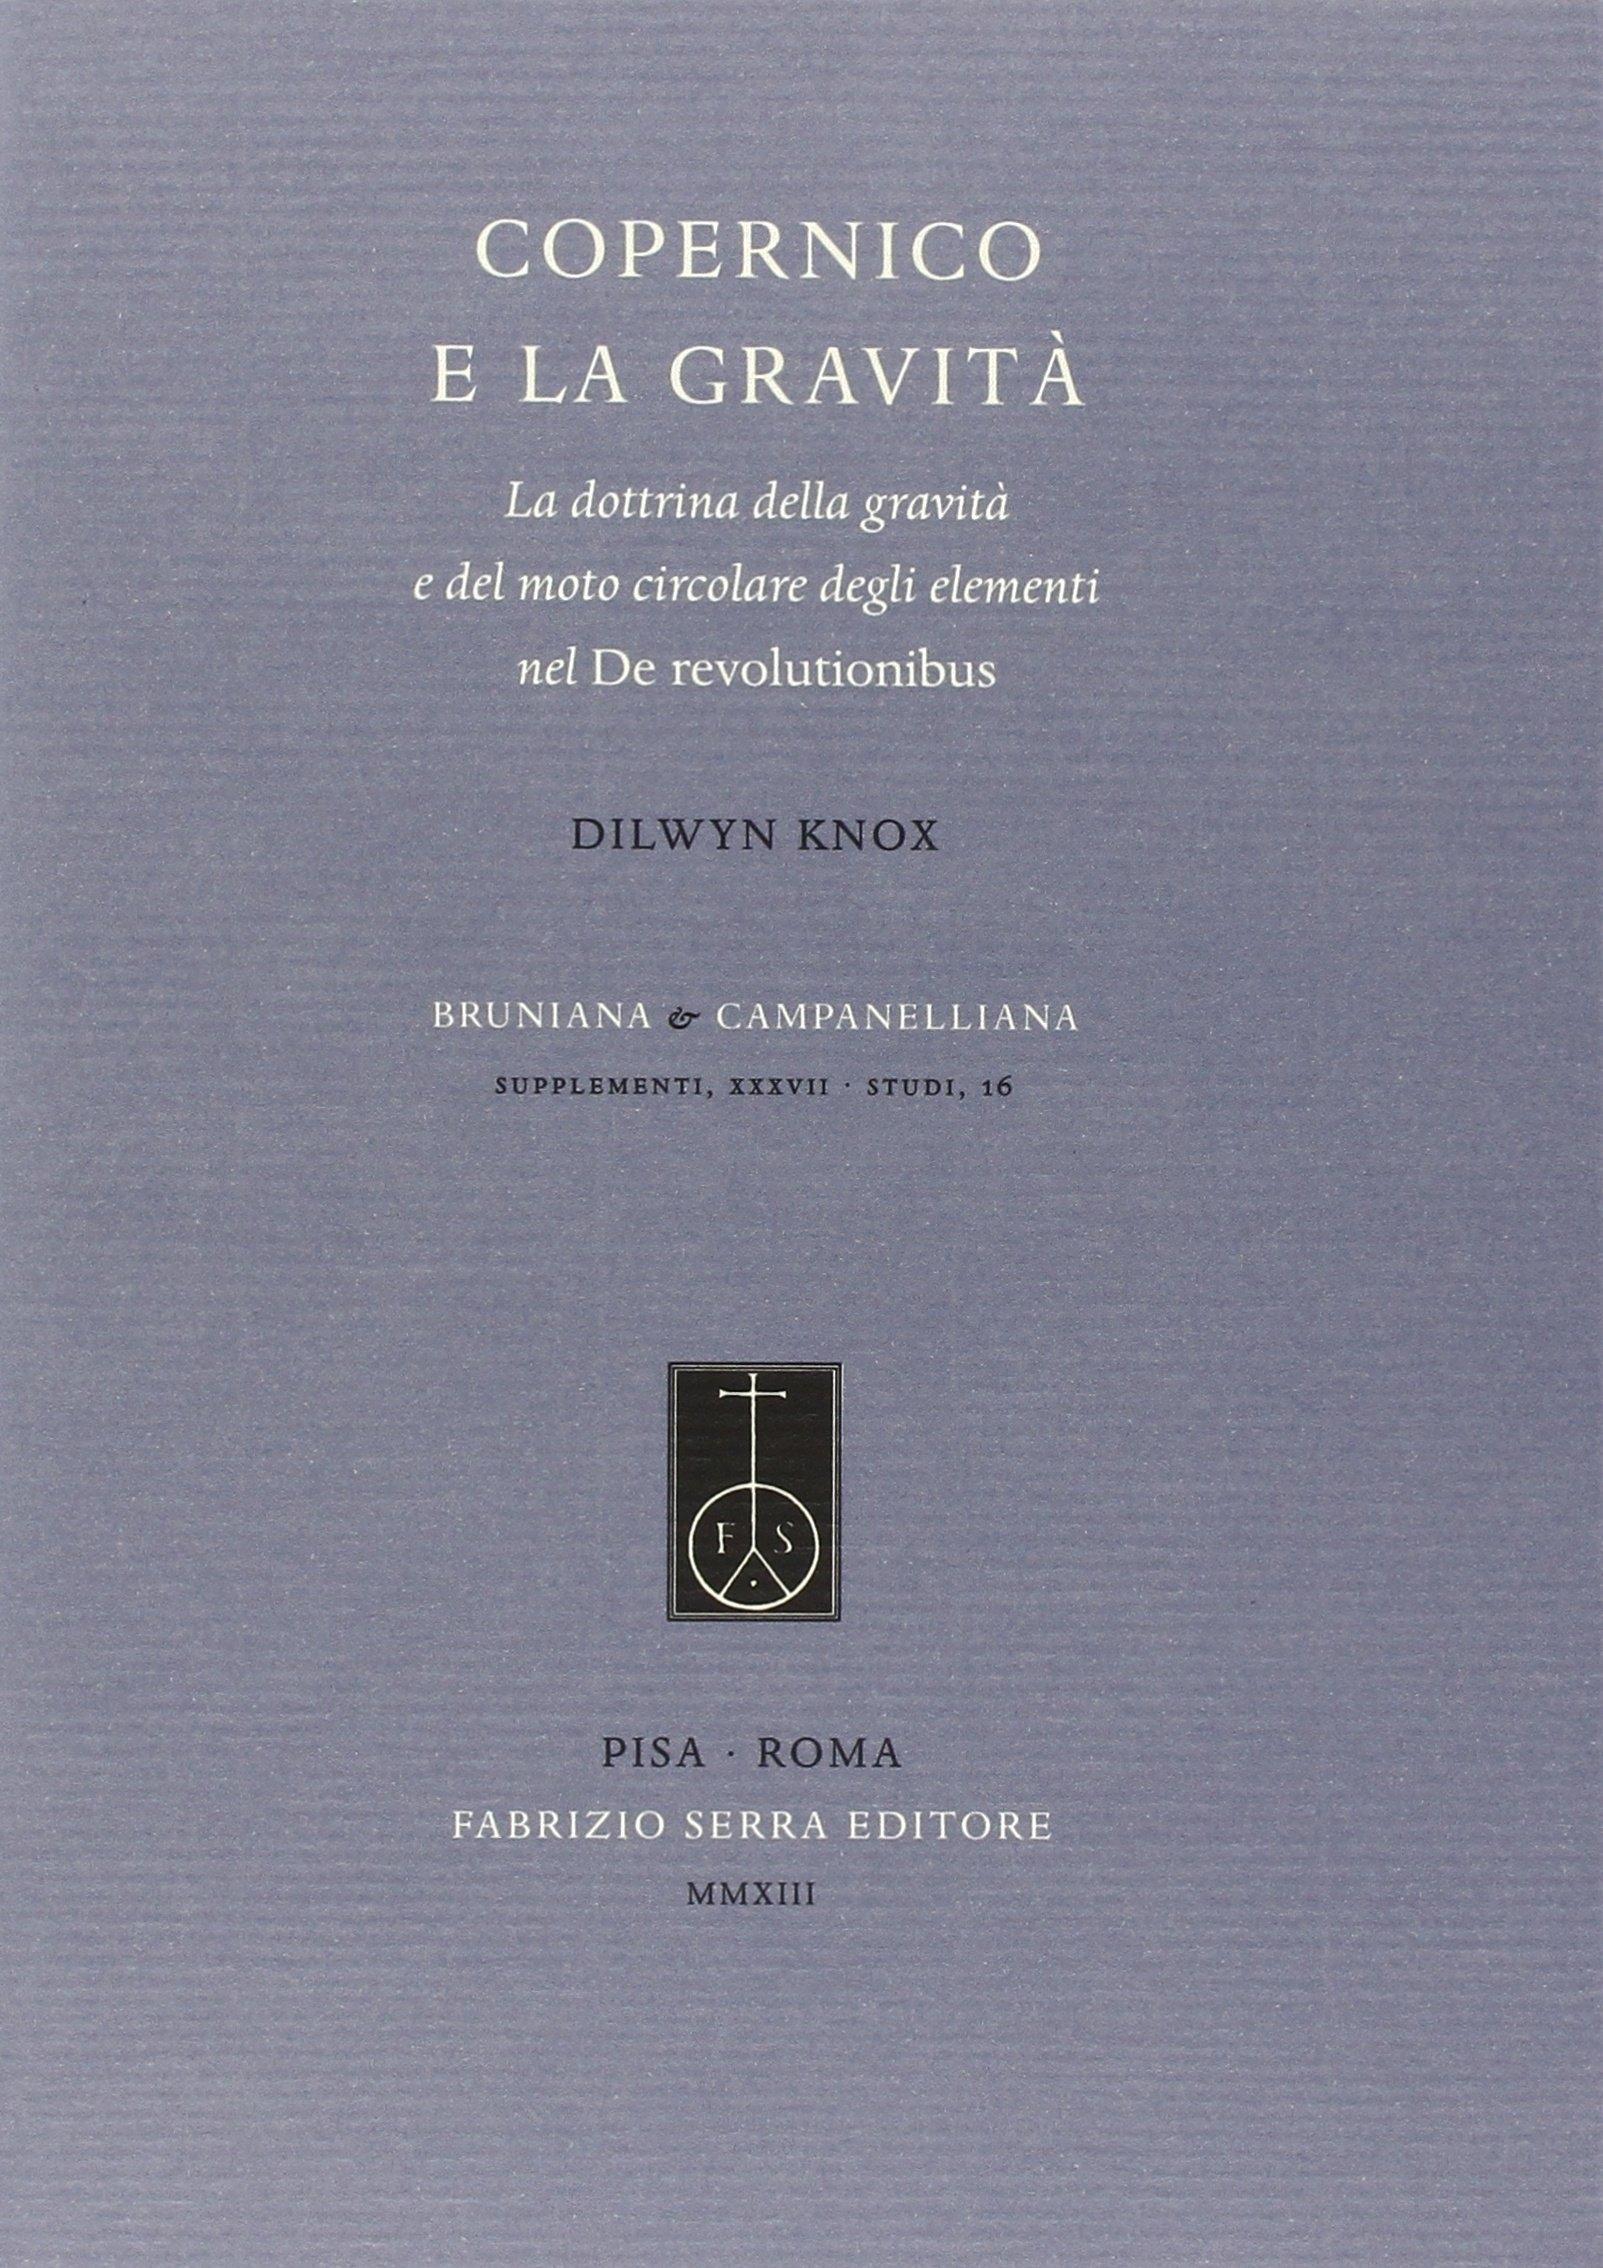 Copernico e la gravità. La dottrina della gravità e del moto circolare degli elementi nel De revolutionibus.